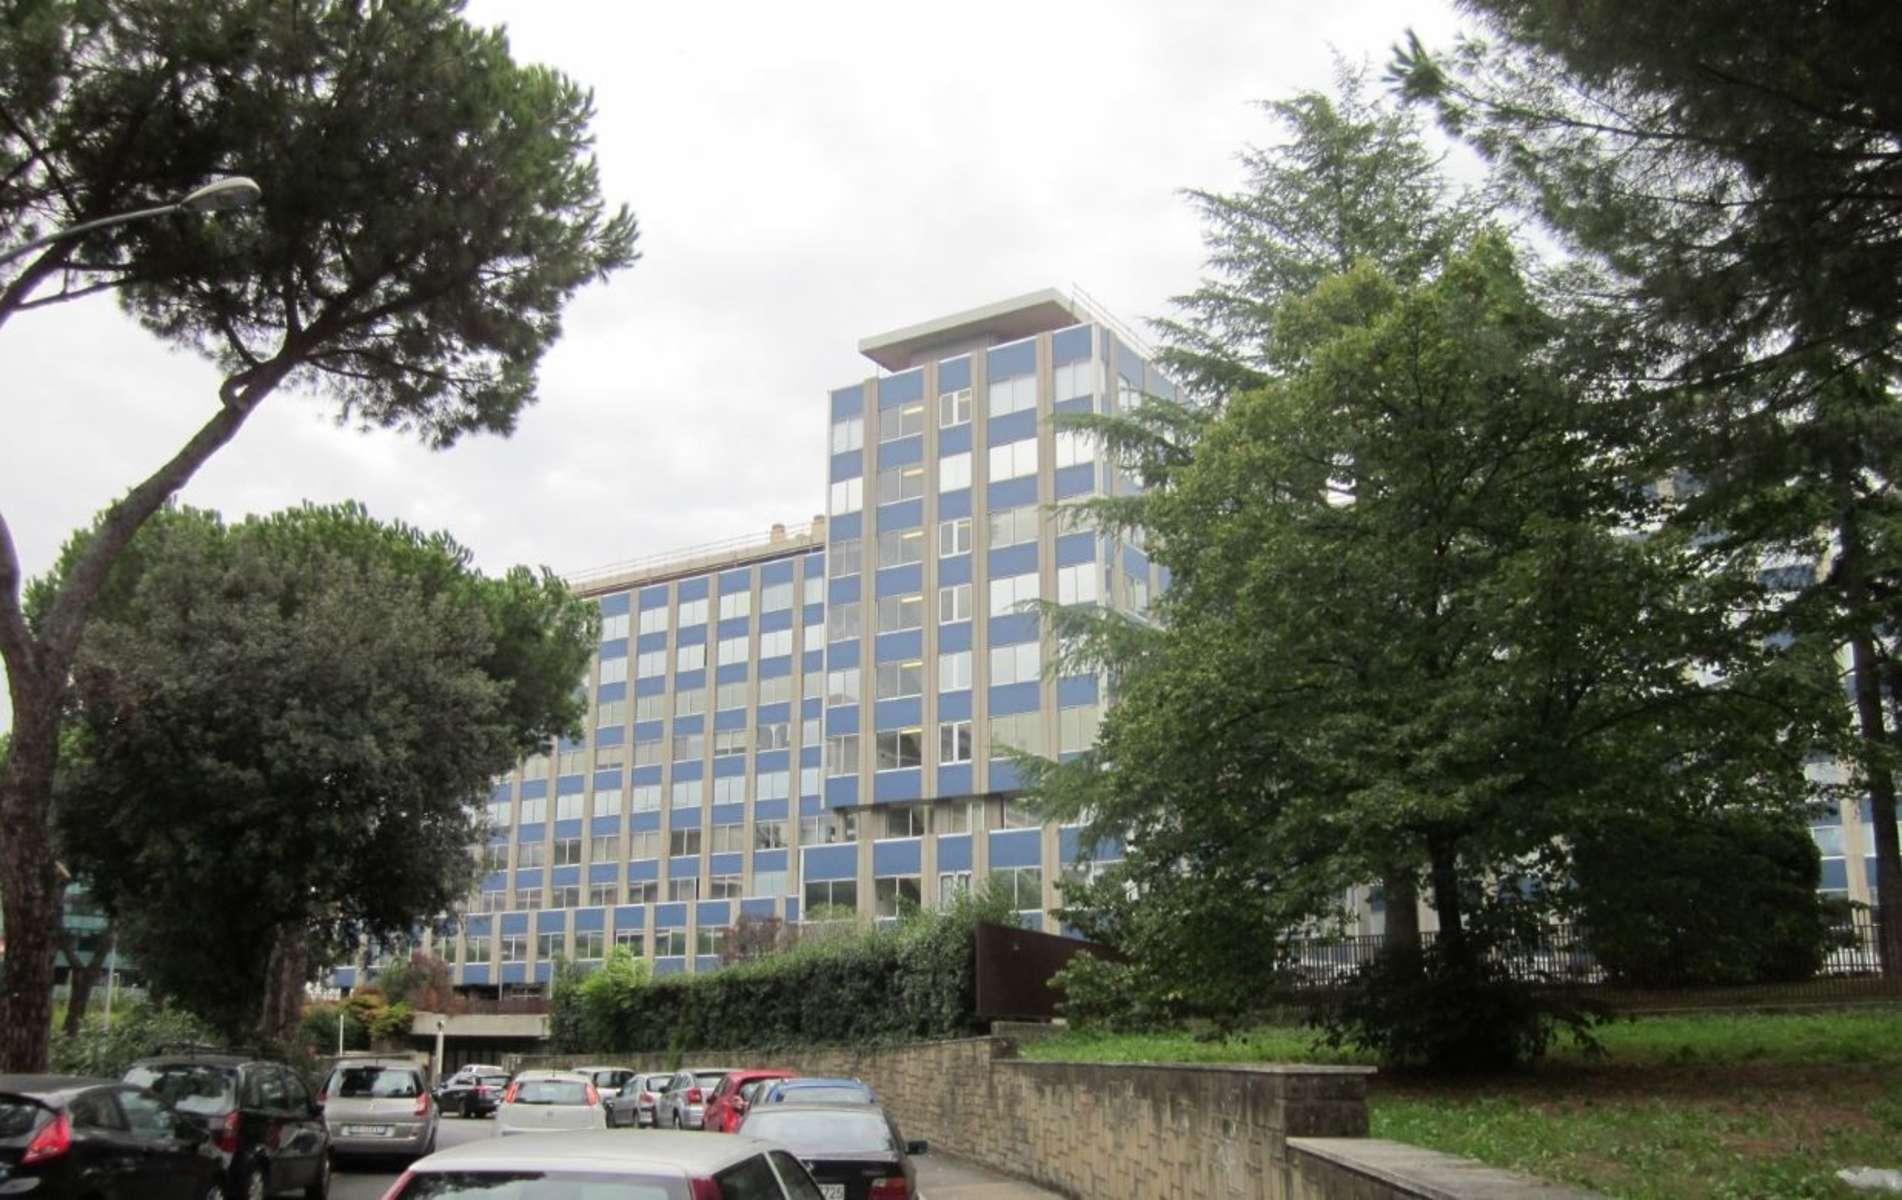 Via paolo di dono 3 a uffici immobili per in locazione jll for Uffici temporanei roma termini